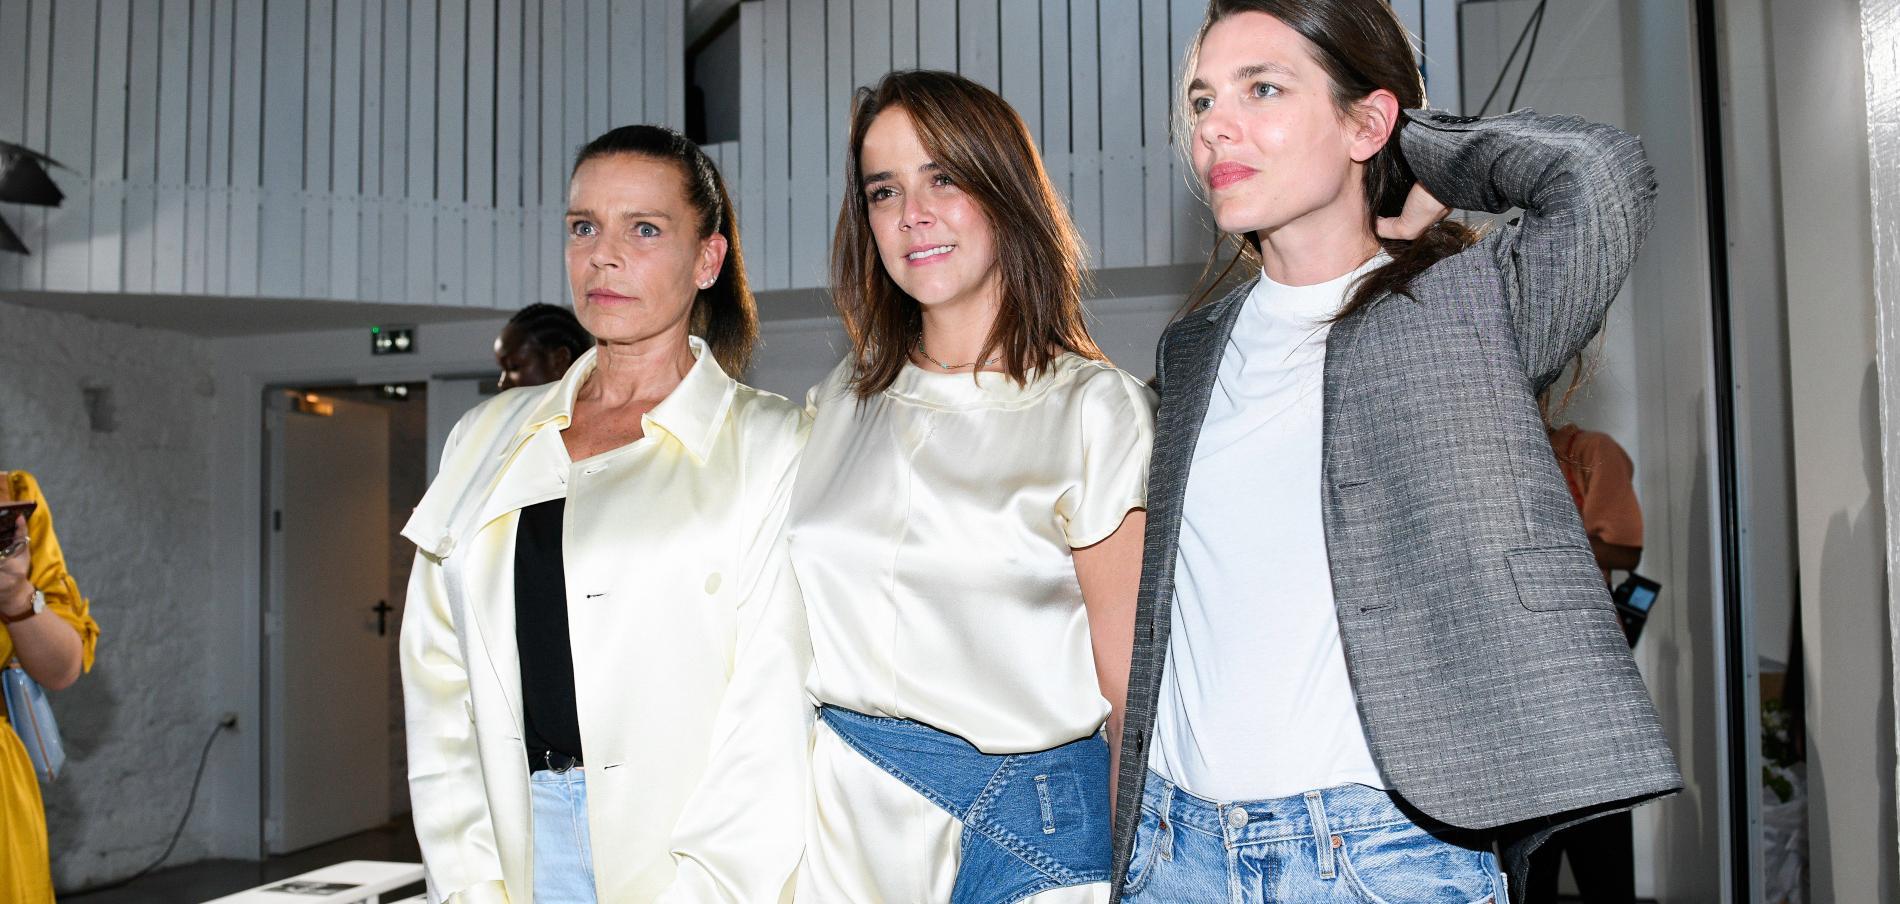 Pauline Ducruet lance sa ligne de vêtements avec la bénédiction de Charlotte Casiraghi et Stéphanie de Monaco